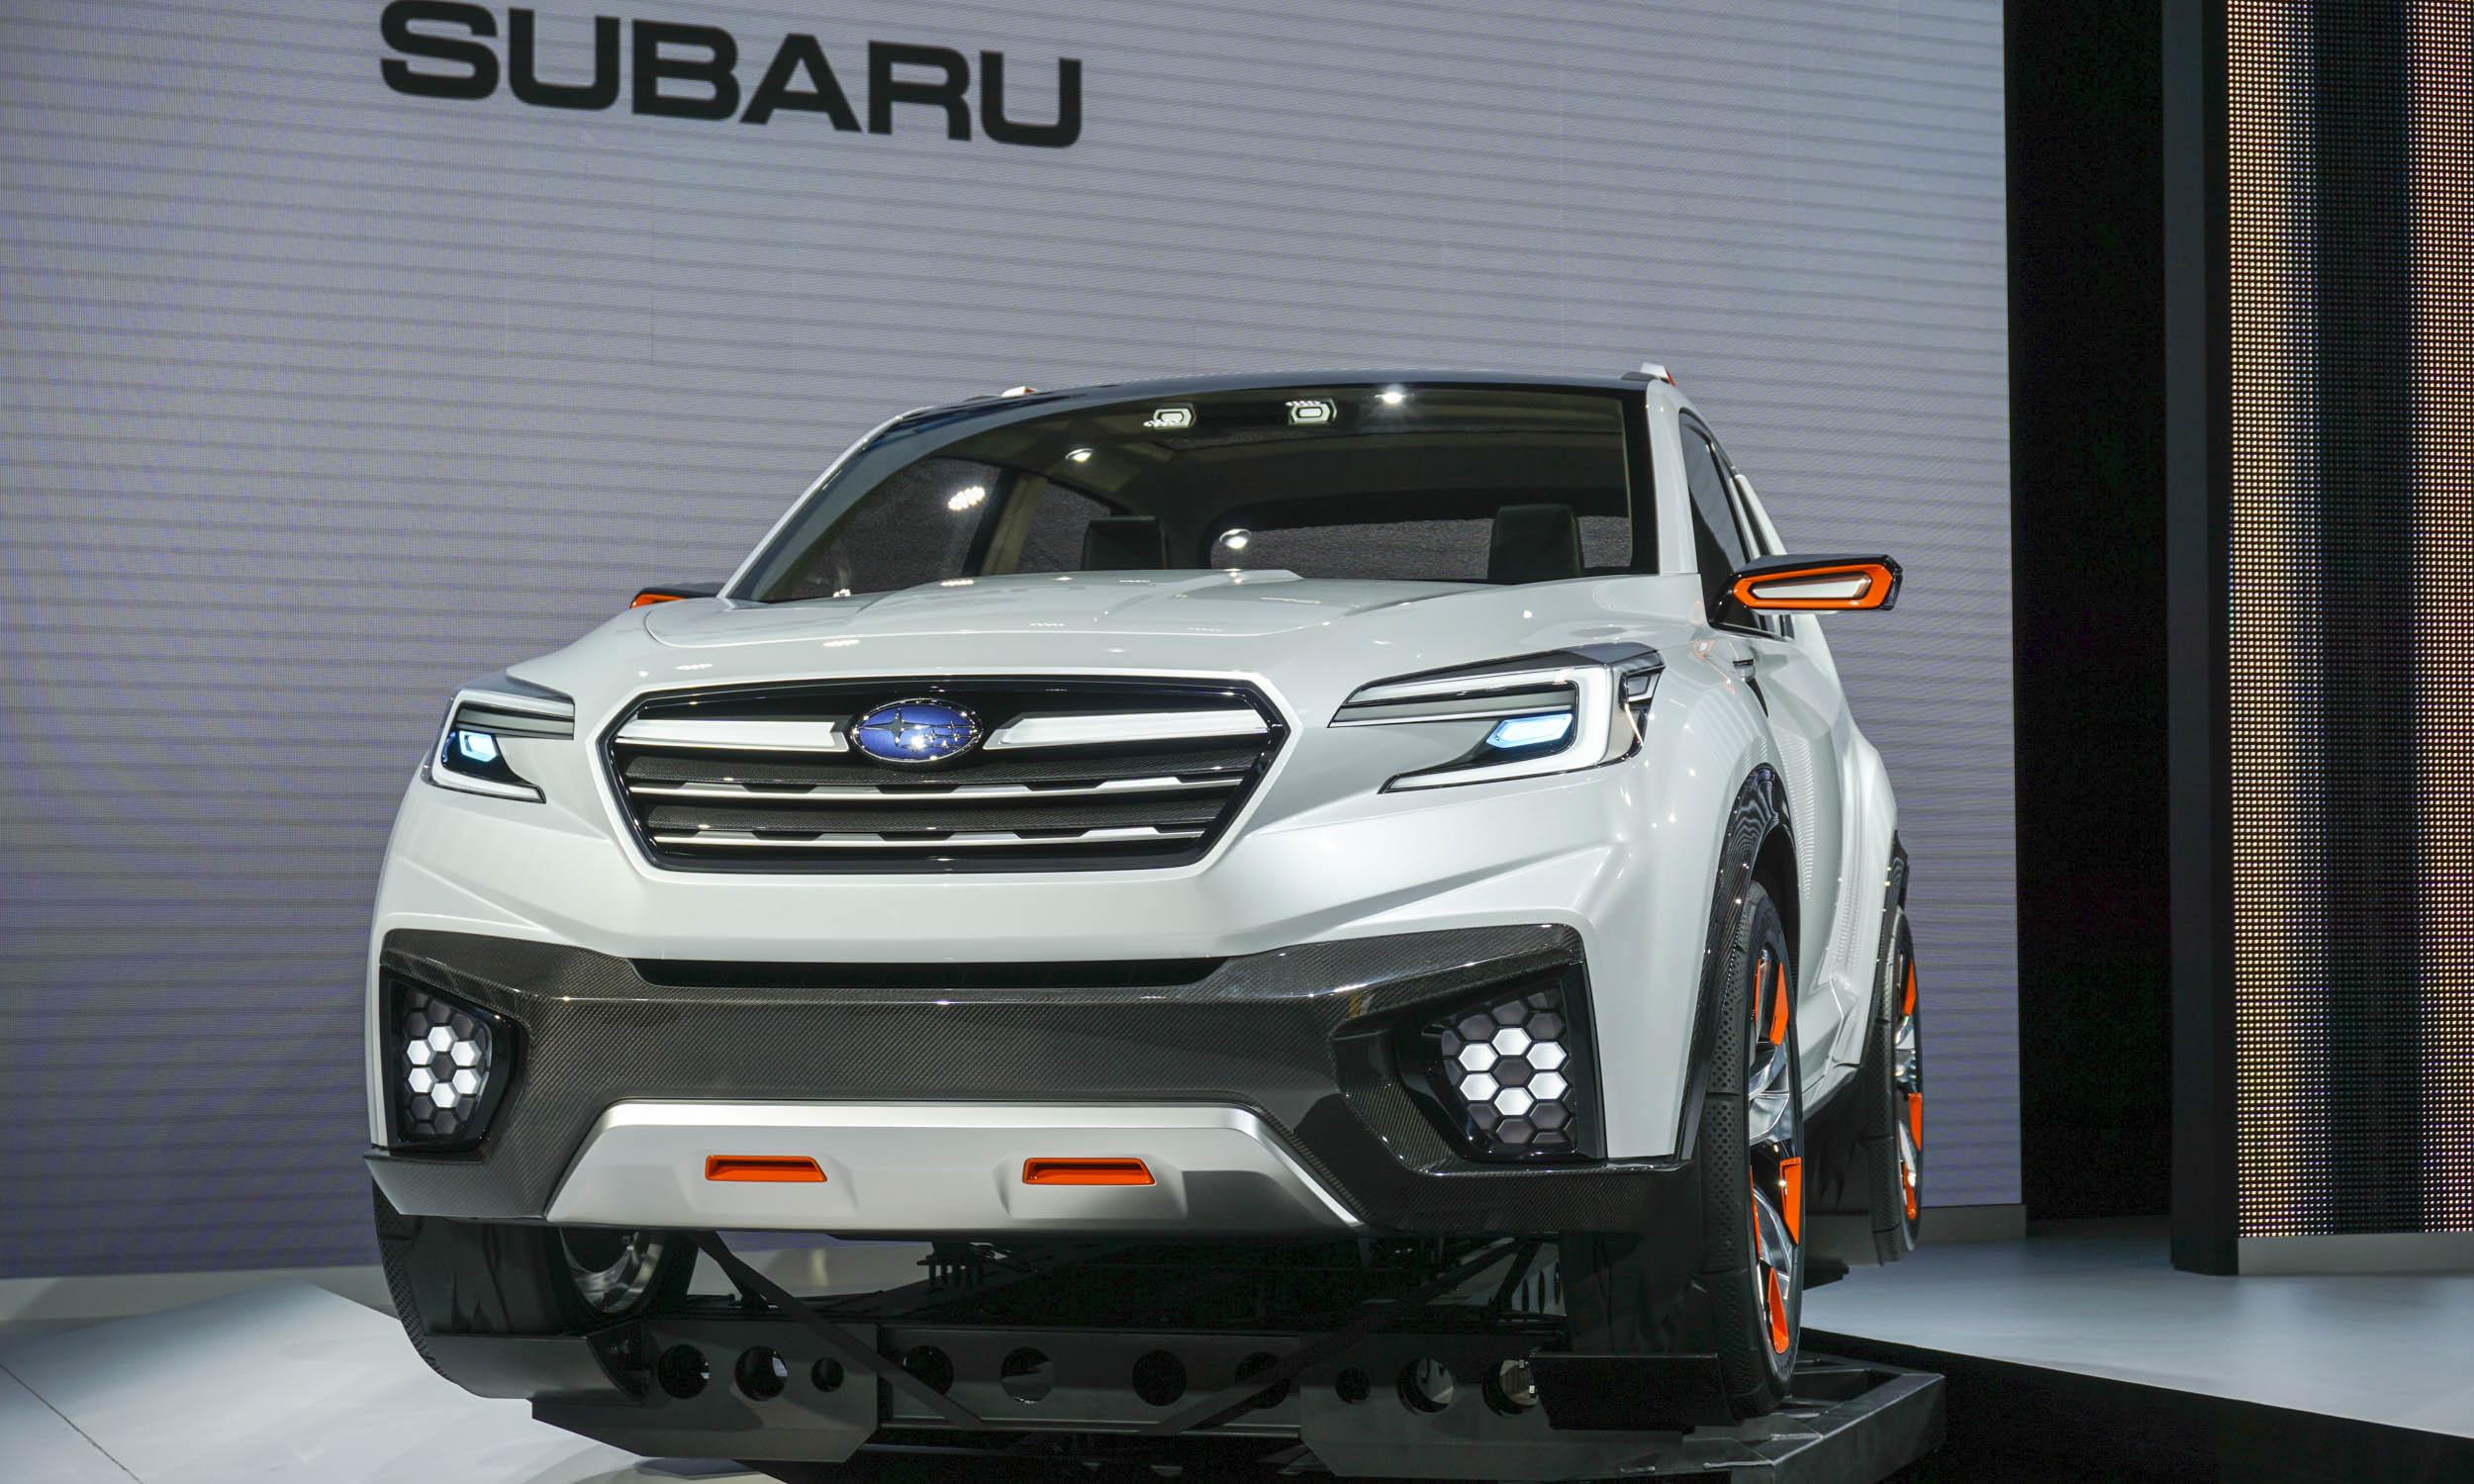 Http Autonxt Wp Content Uploads 2017 10 Subaru Viziv Concept1 Jpg